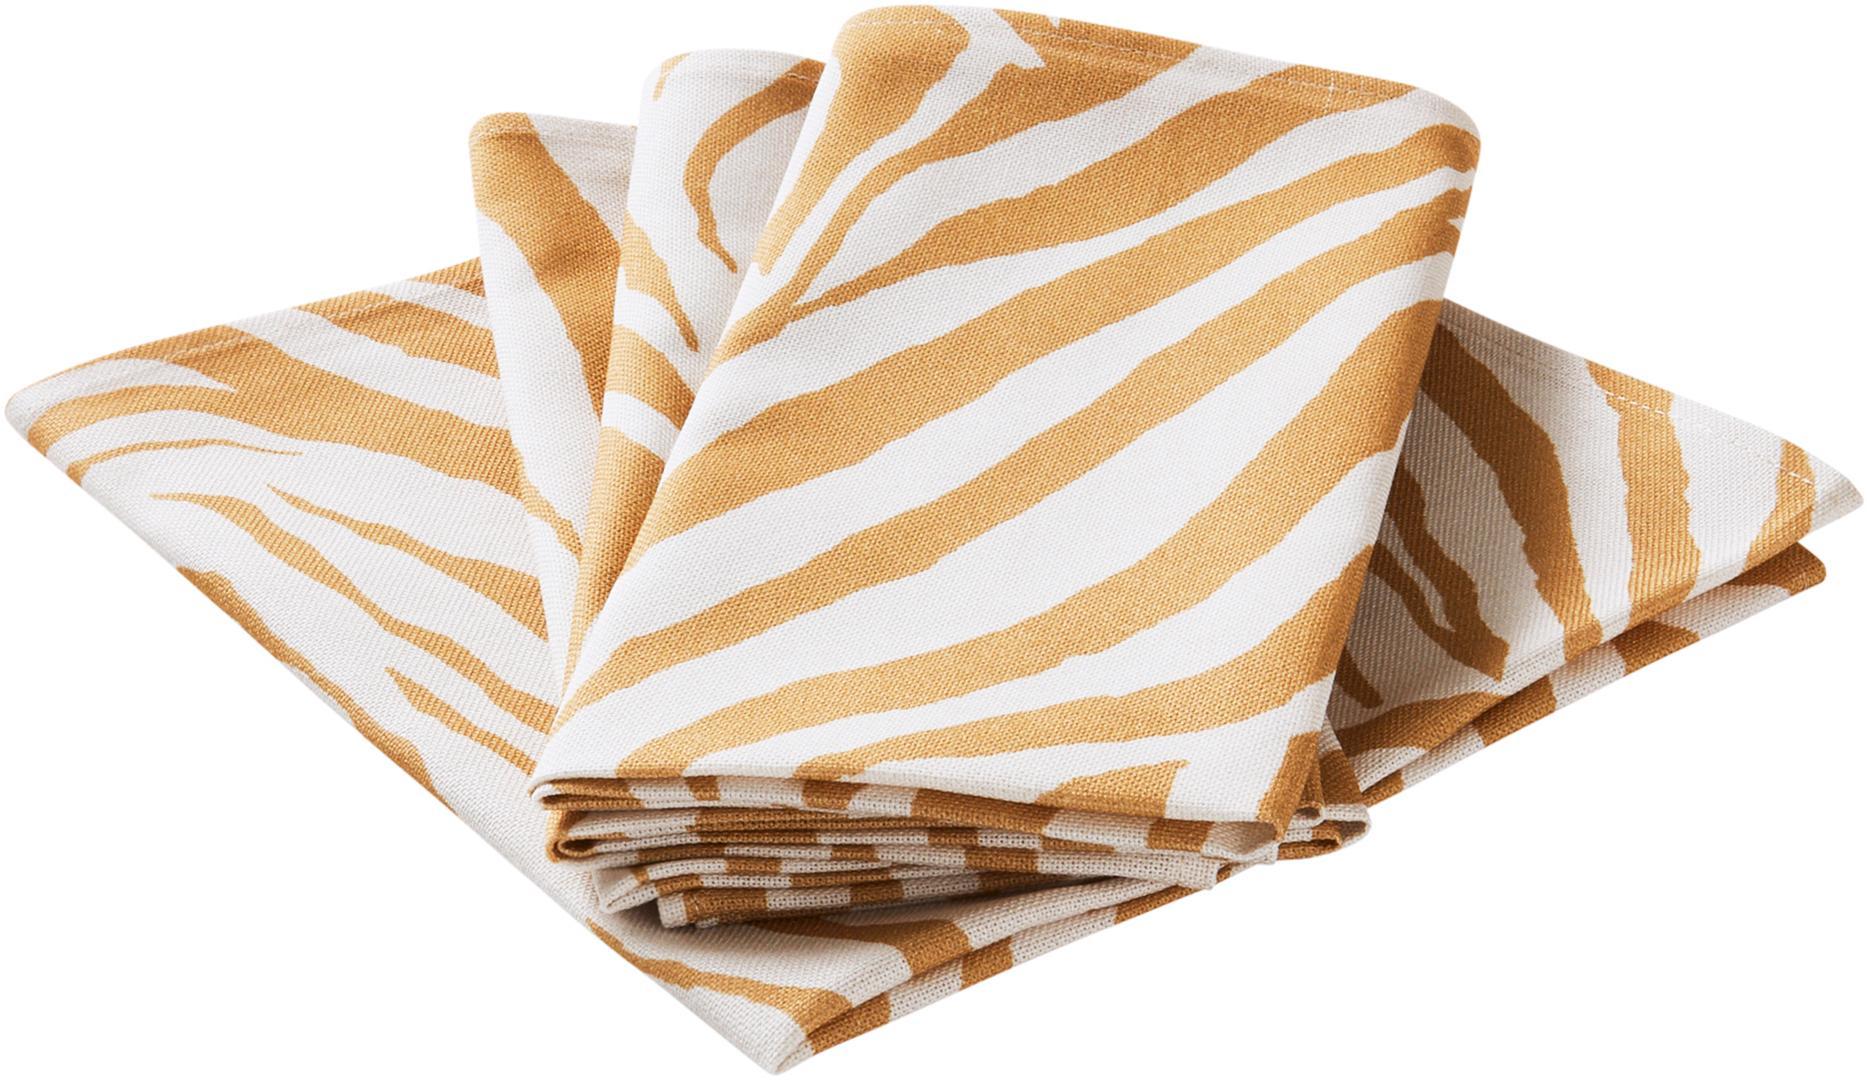 Serwetka z bawełny Zadie, 4 szt., 100% bawełna pochodząca ze zrównoważonych upraw, Musztardowy, kremowobiały, S 45 x D 45 cm